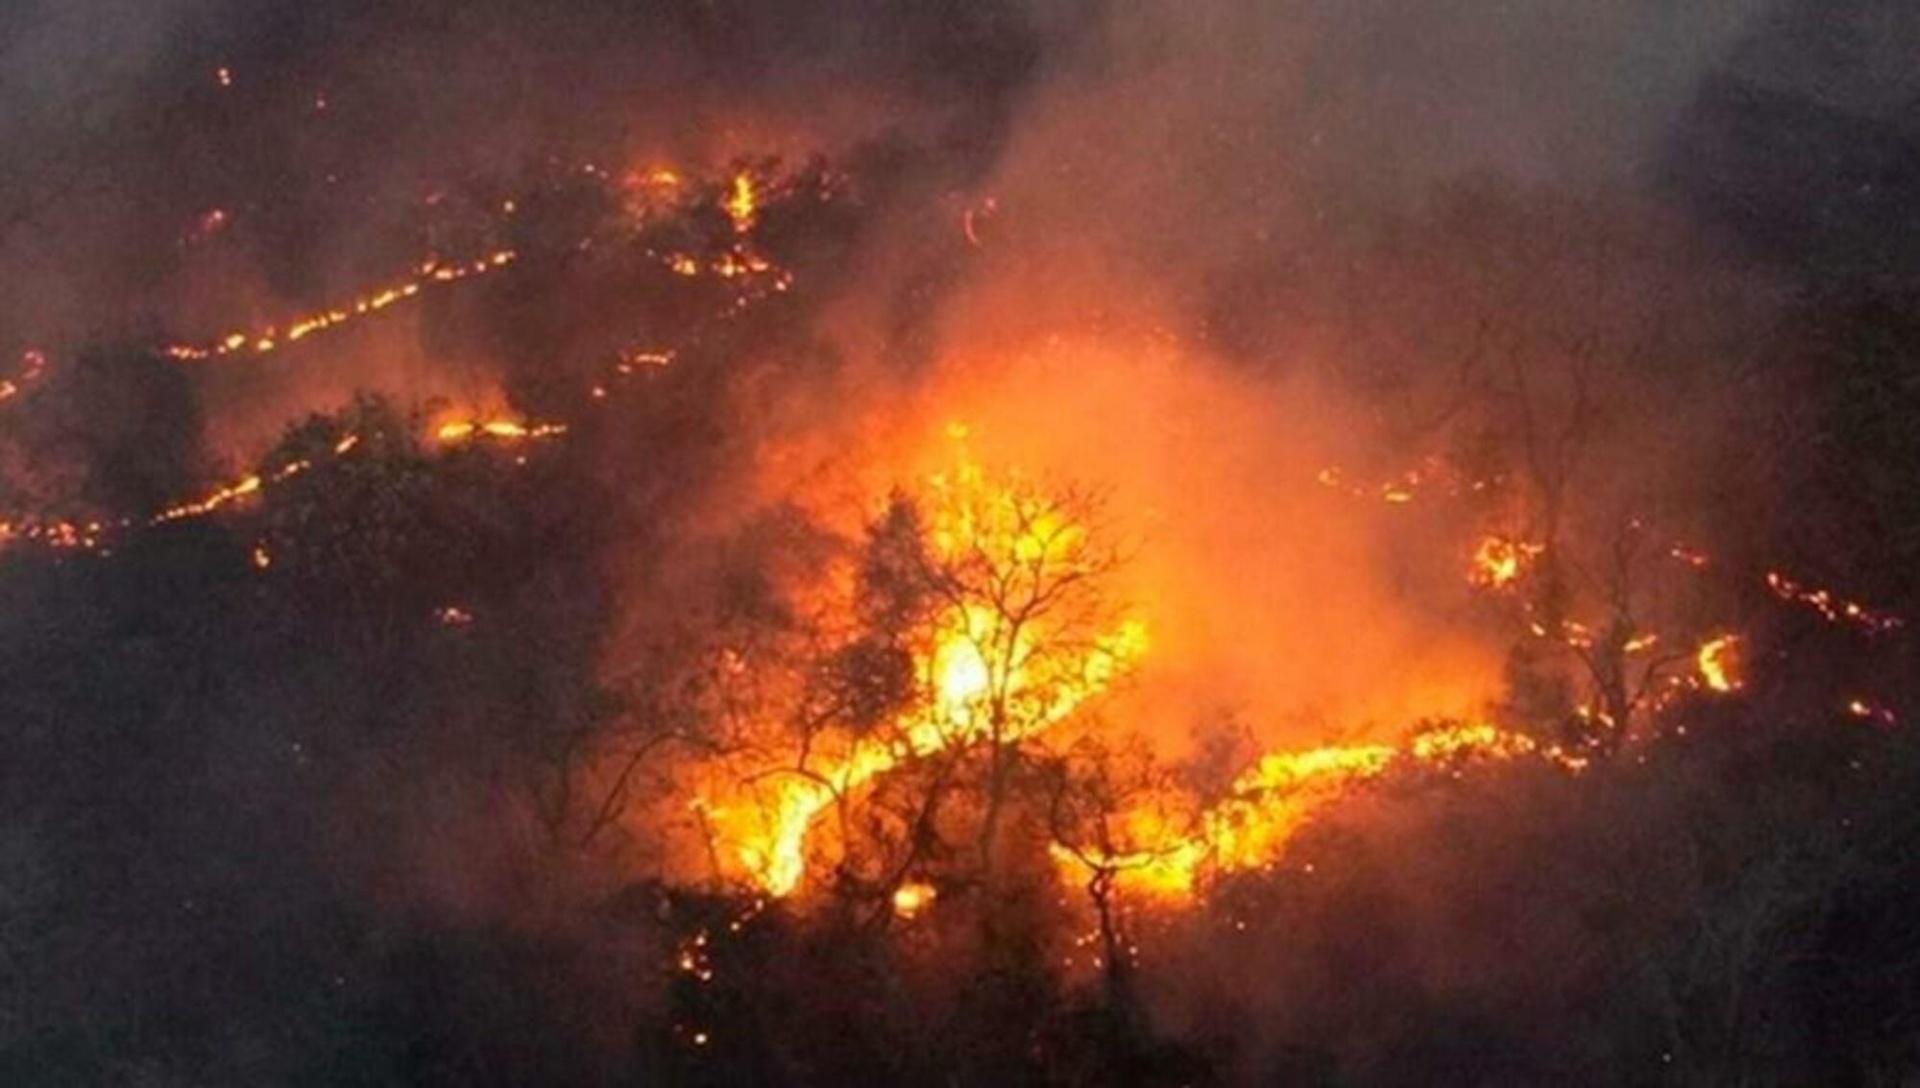 Incêndio em Mato Grosso do Sul: com estiagem prolongada, queimadas batem recorde no Pantanal (Foto: Divulgação/PrevFogo)